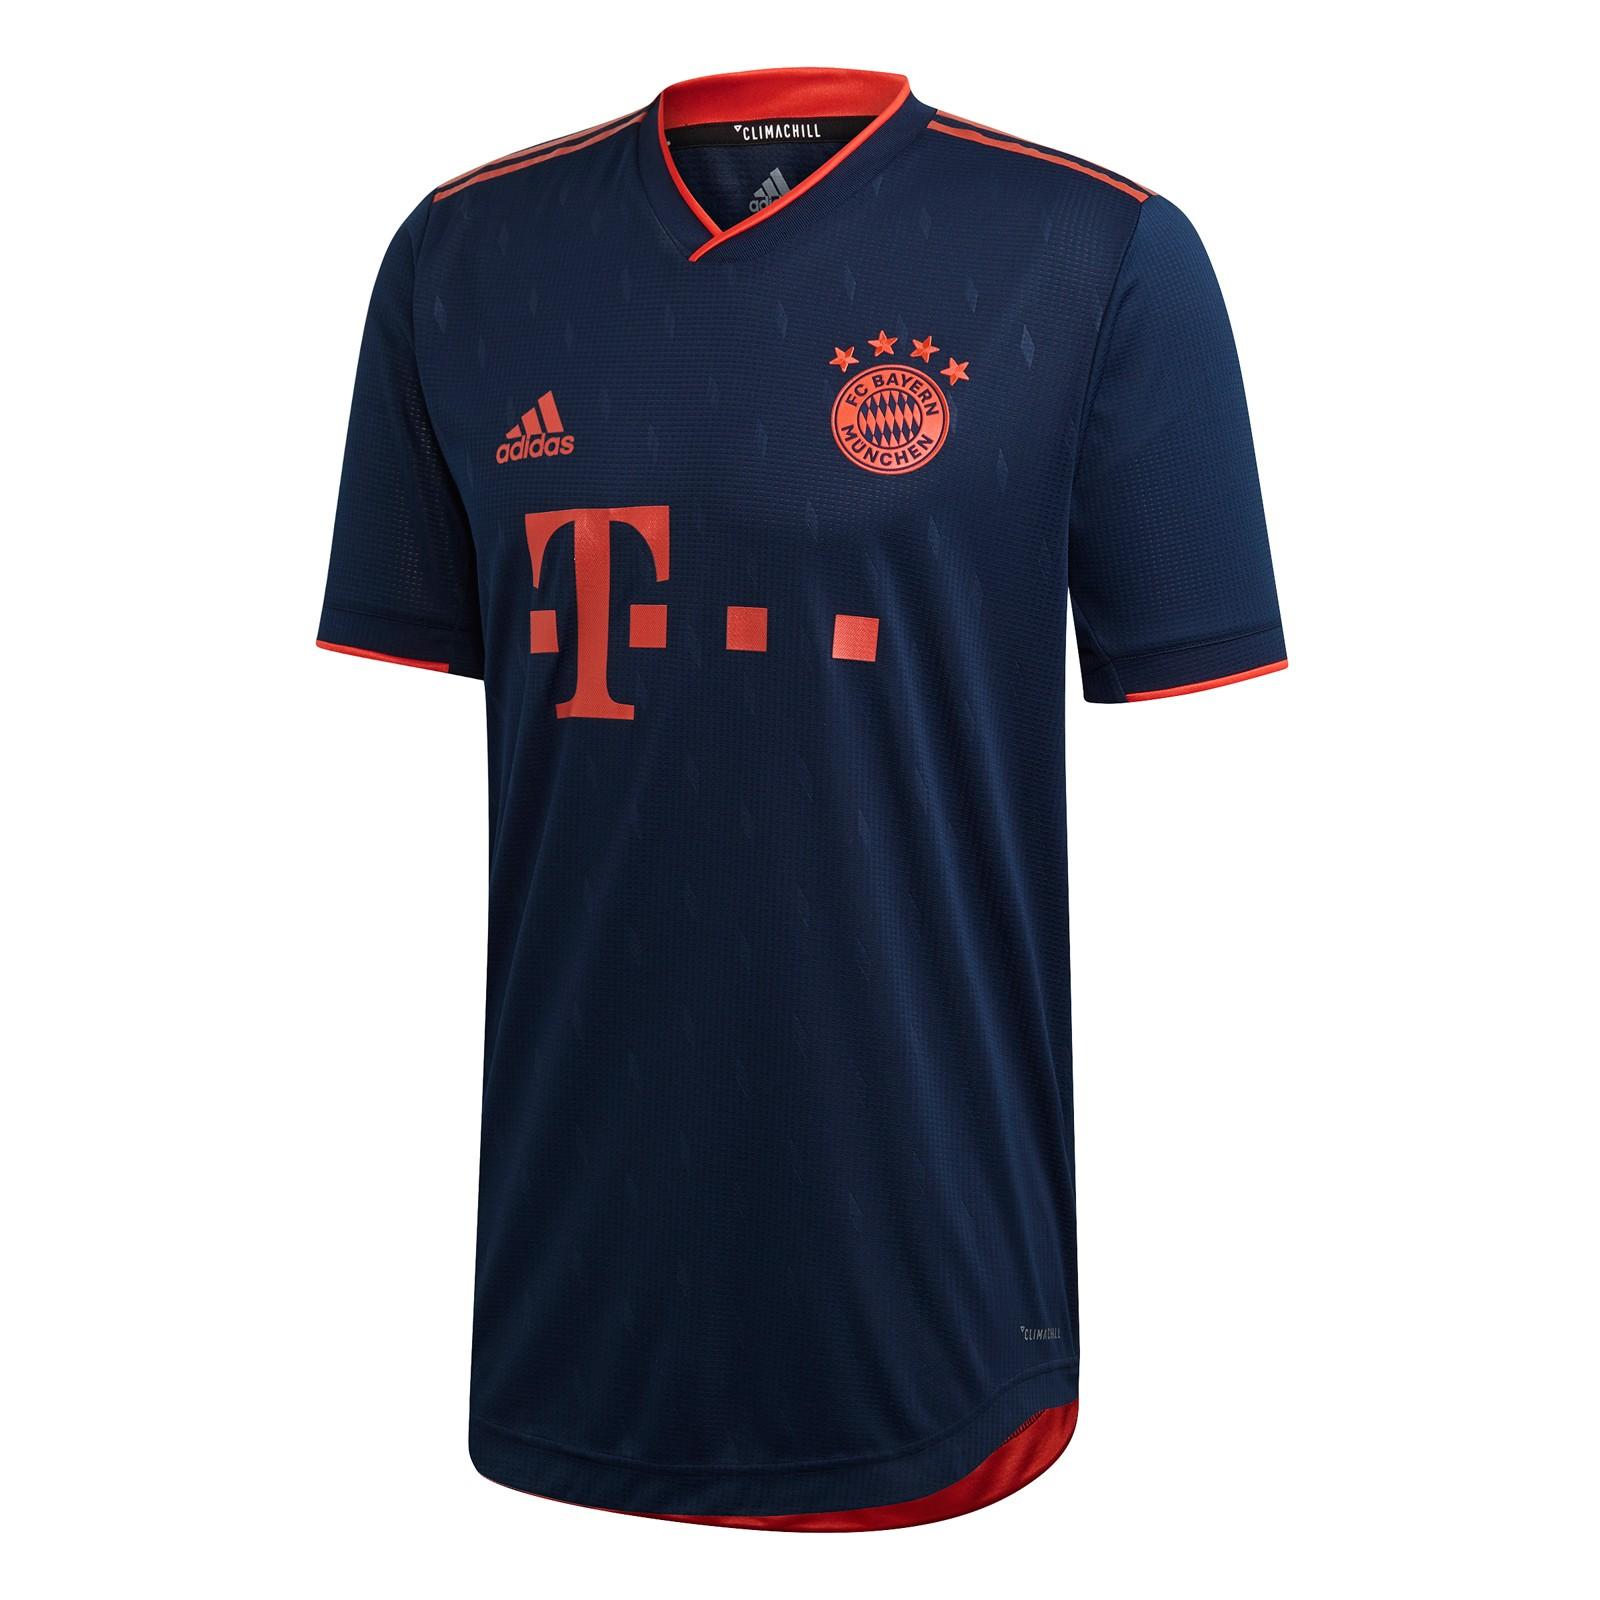 拜仁慕尼黑2019-20赛季欧冠联赛球员版球衣